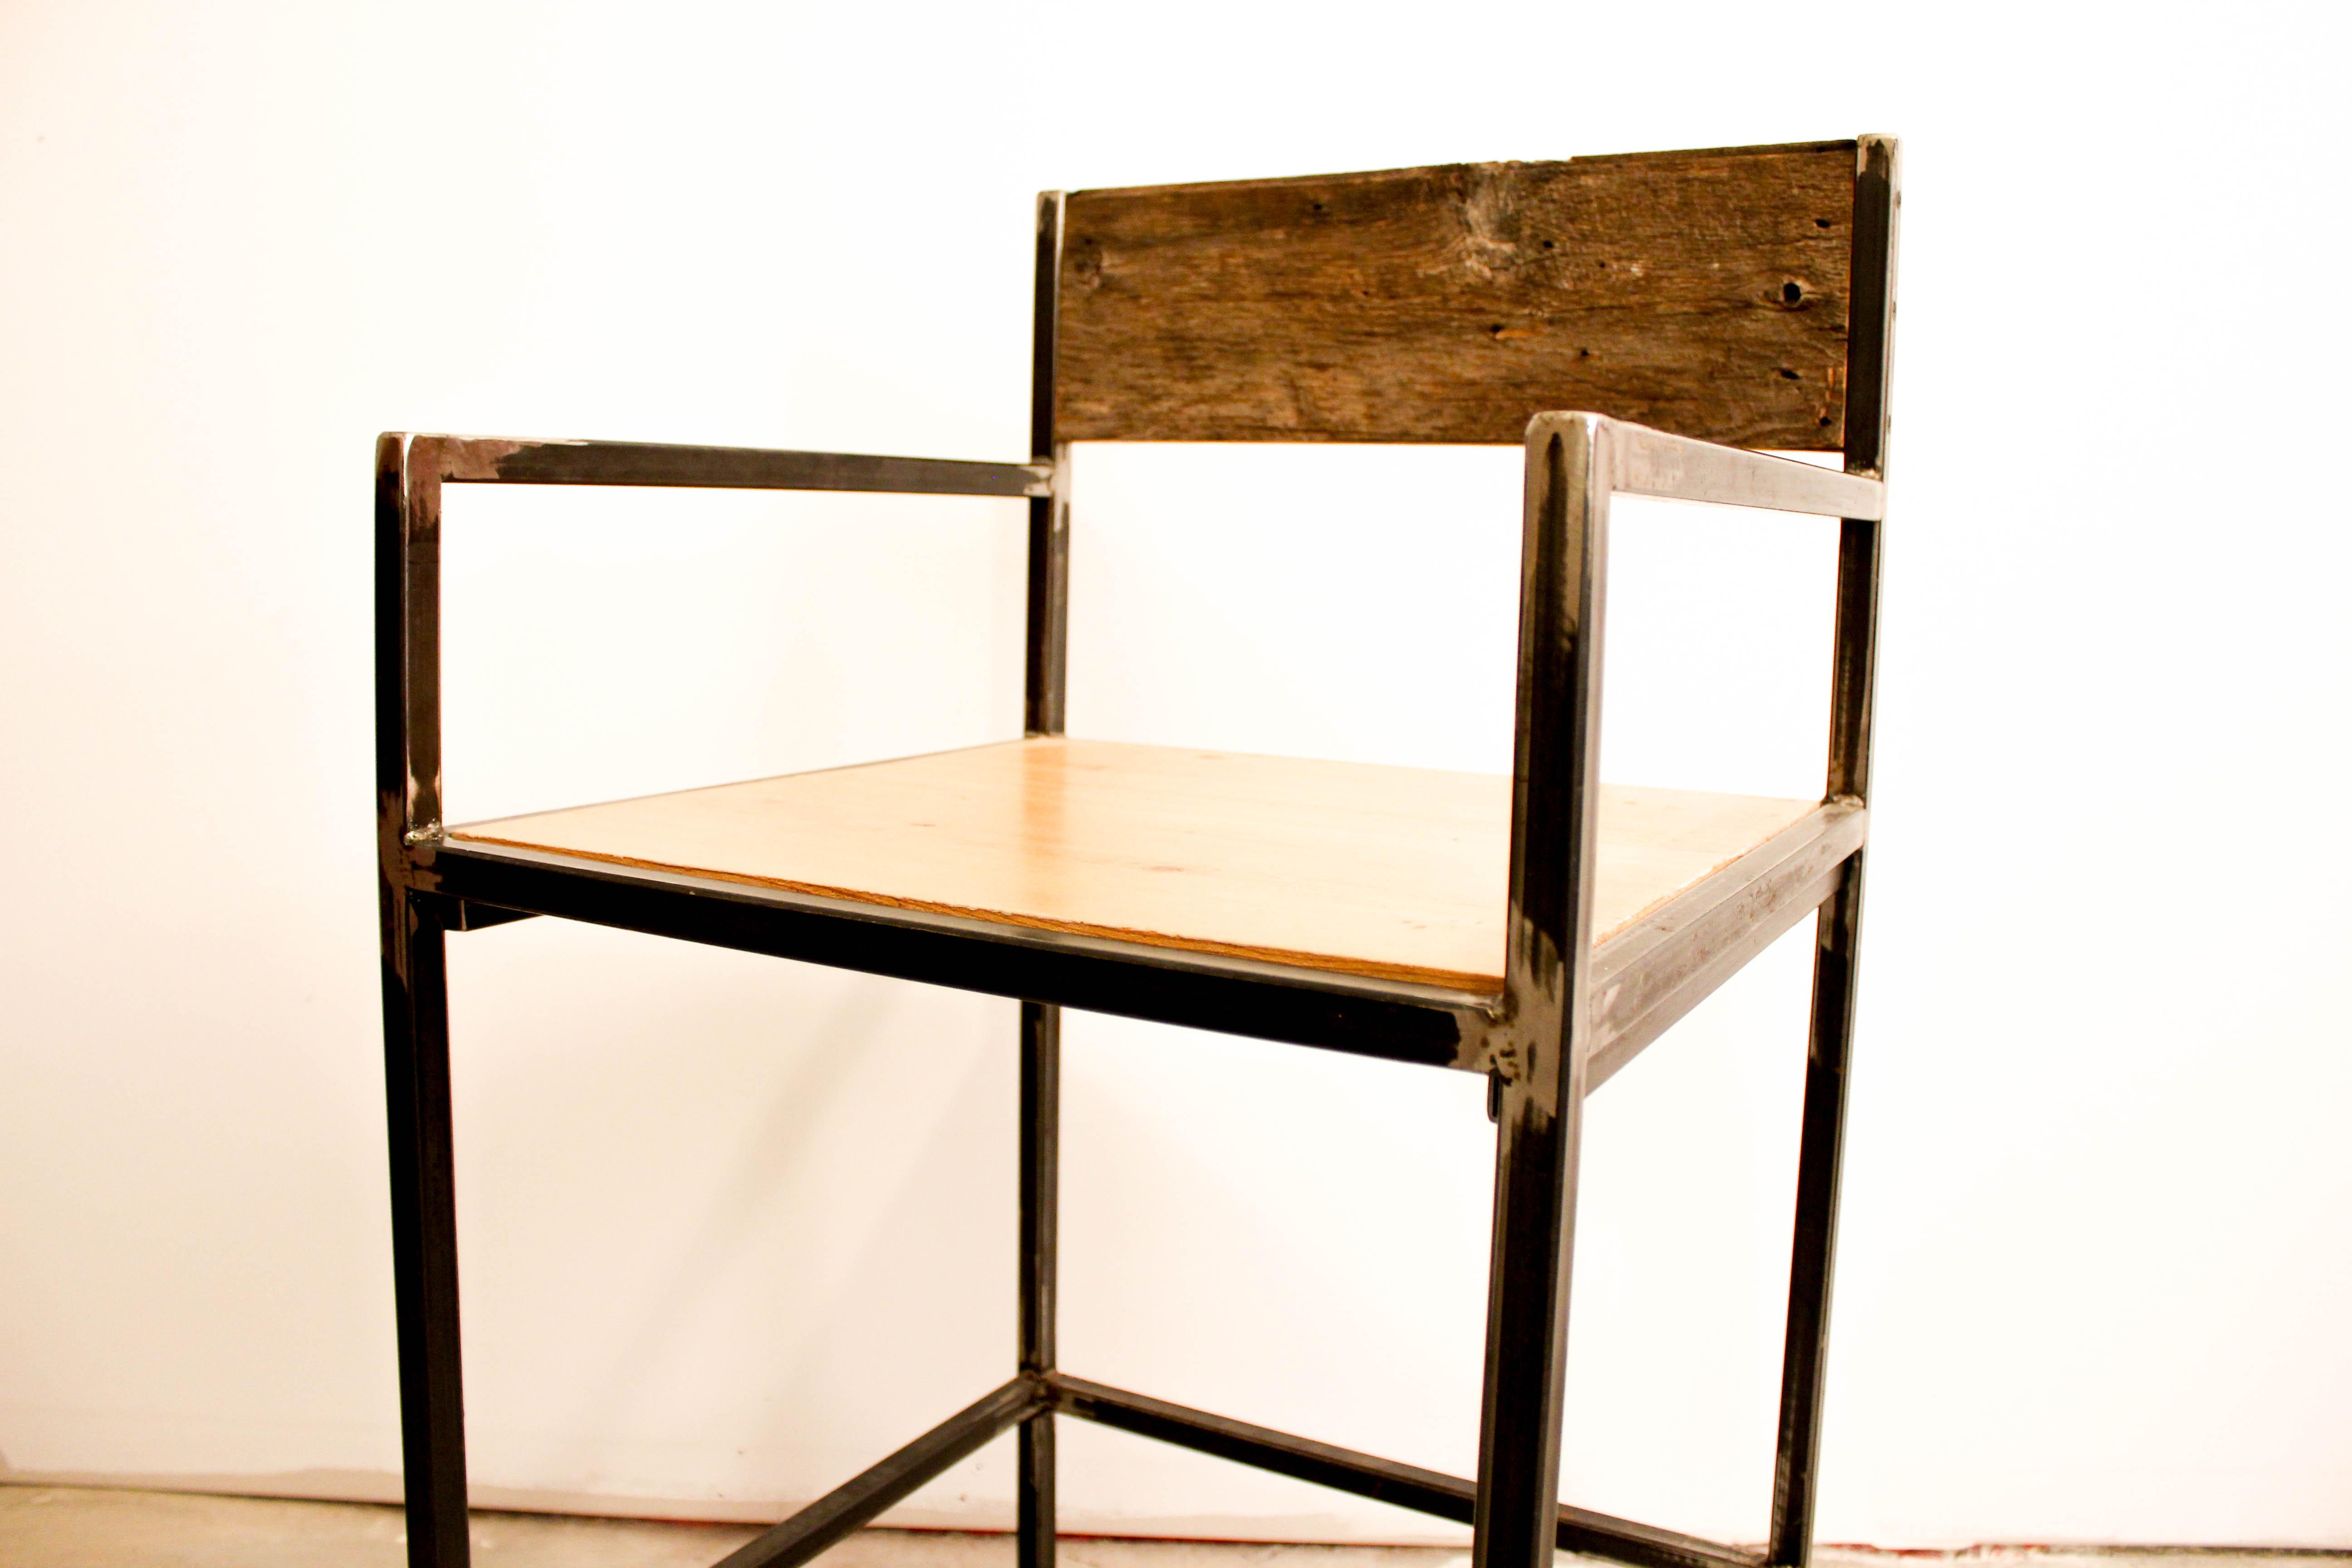 meubles roll 4-12